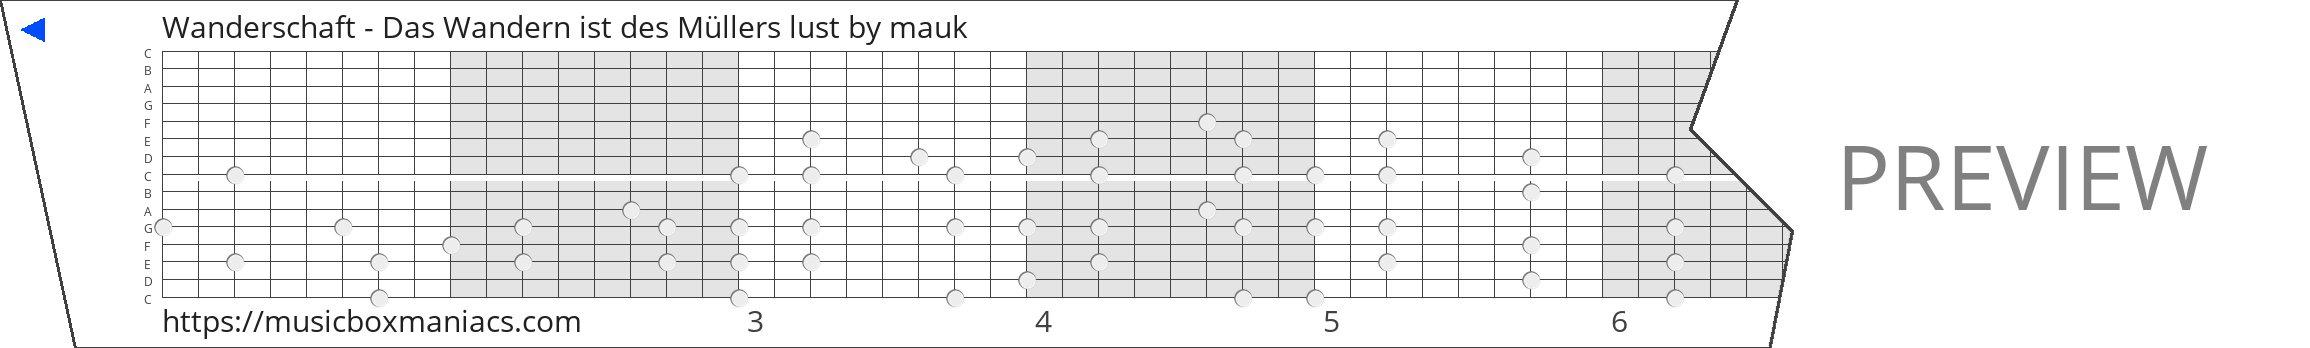 Wanderschaft - Das Wandern ist des Müllers lust 15 note music box paper strip